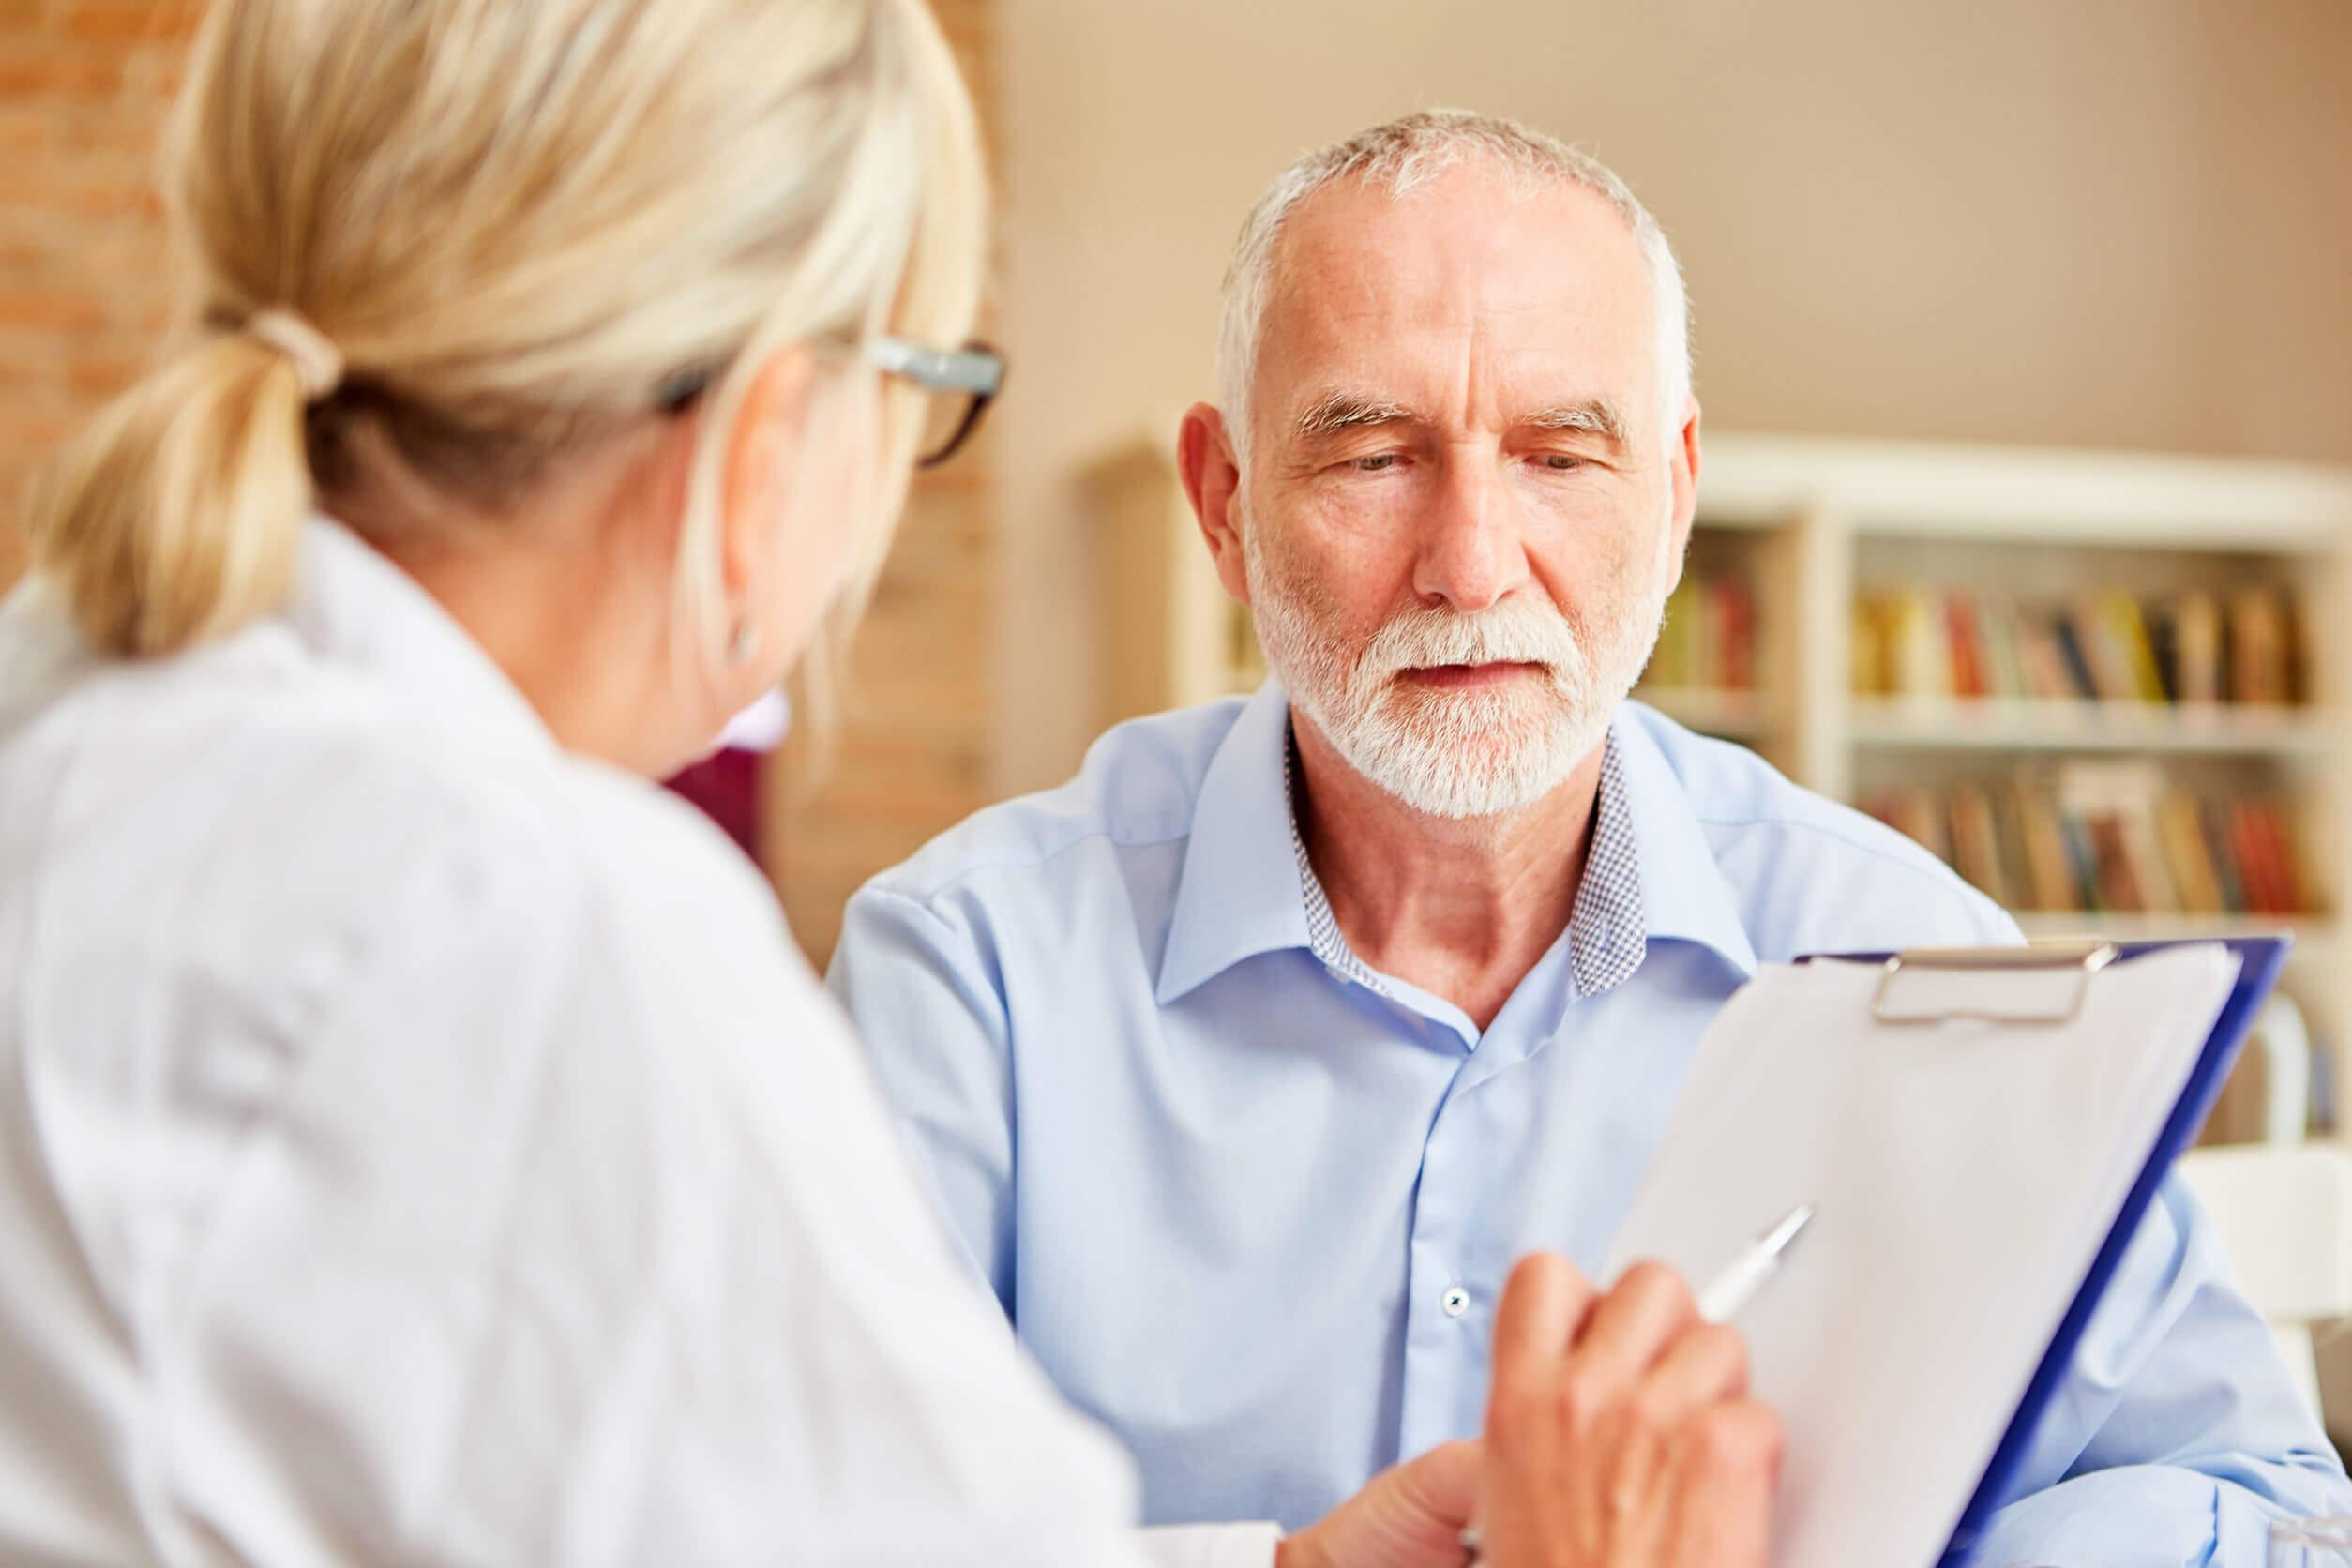 Os psicobióticos podem ser eficazes no tratamento de várias doenças do sistema nervoso.